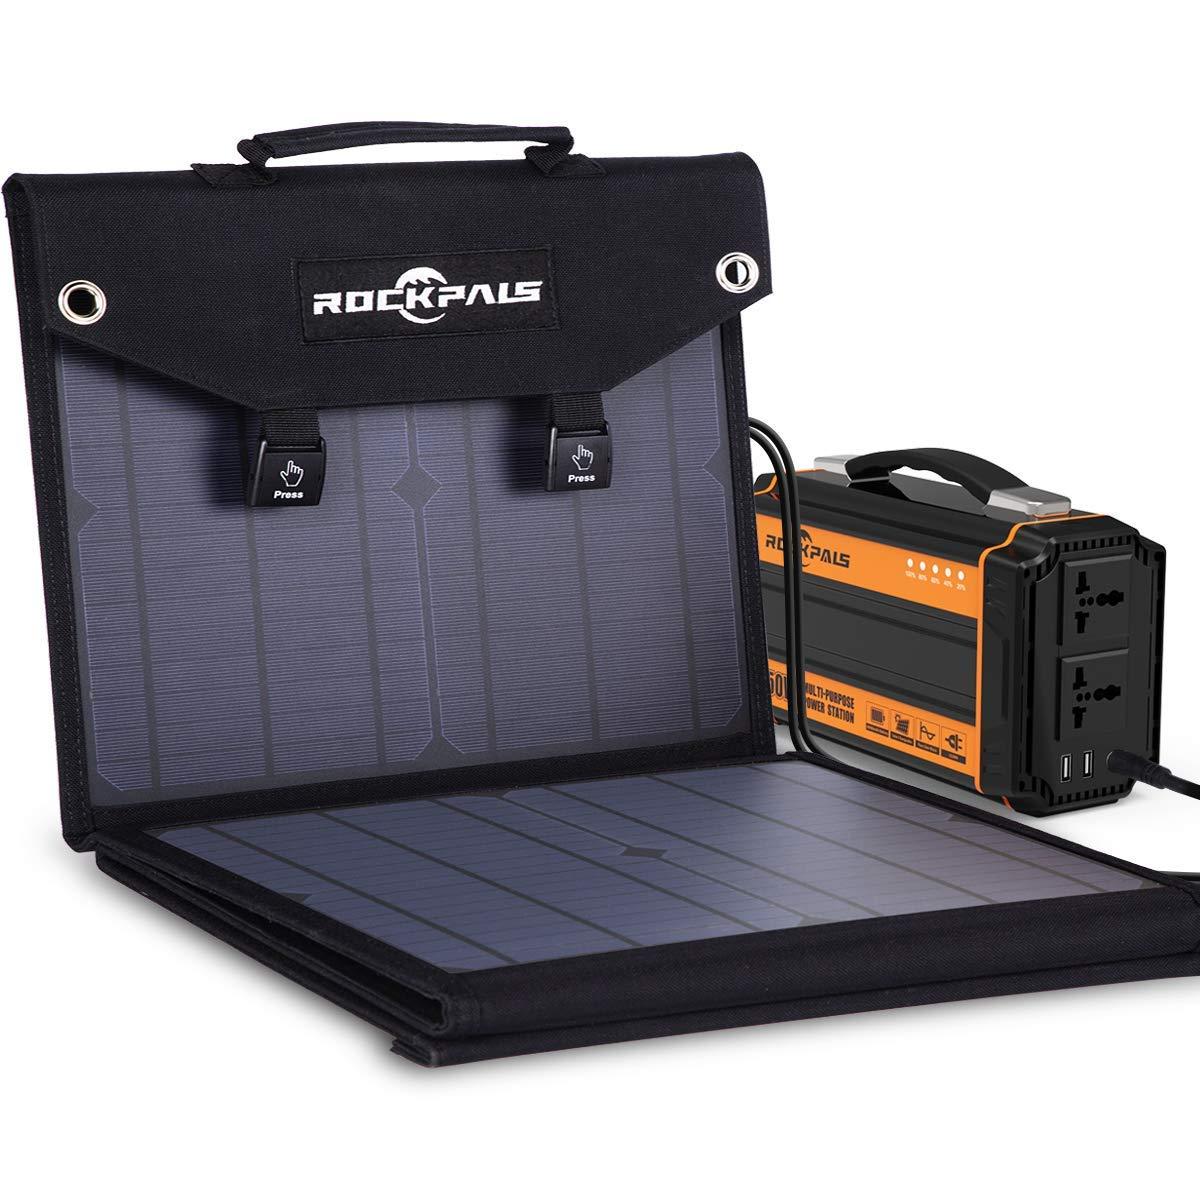 RV Solar Panels|Camping Solar Panels|solar panel kits|Rockpals 100W